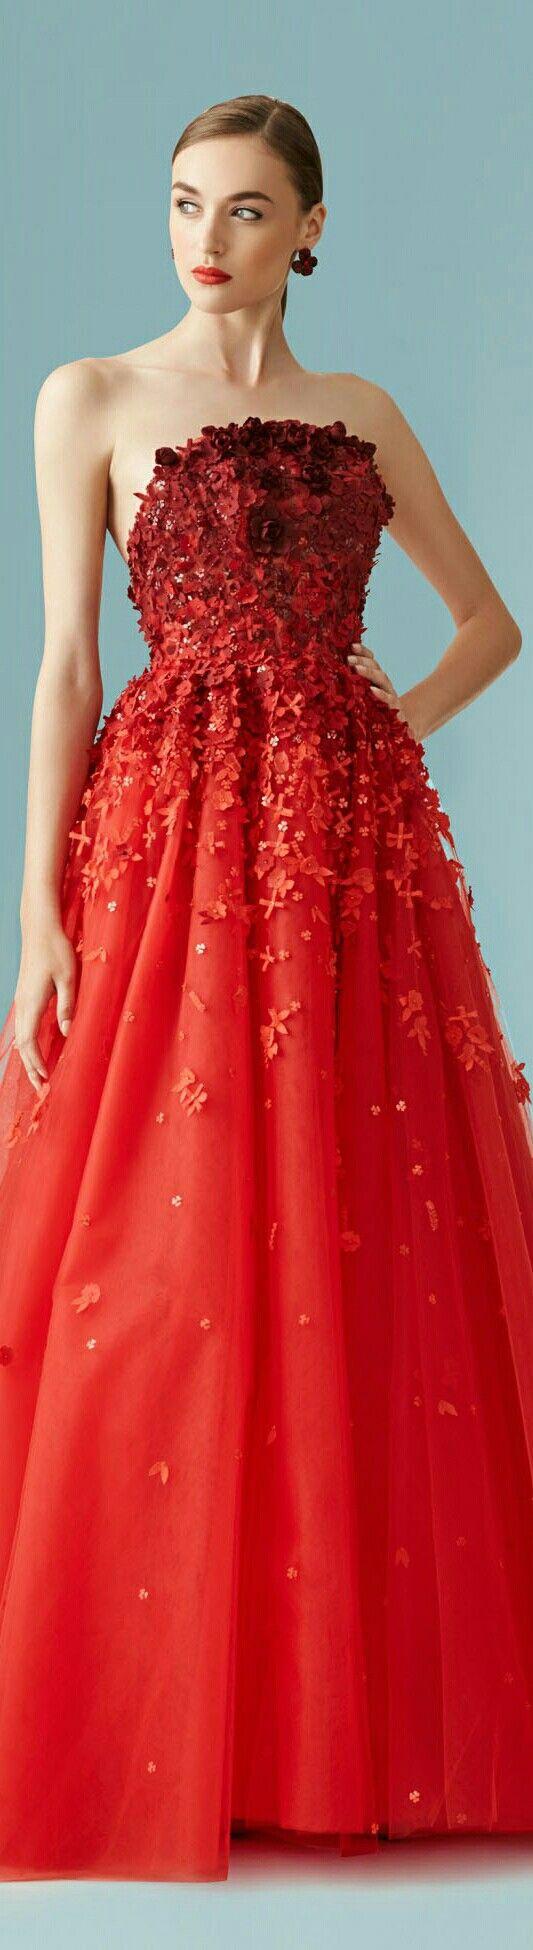 1553 best Kleider images on Pinterest | Cute dresses, Dress skirt ...